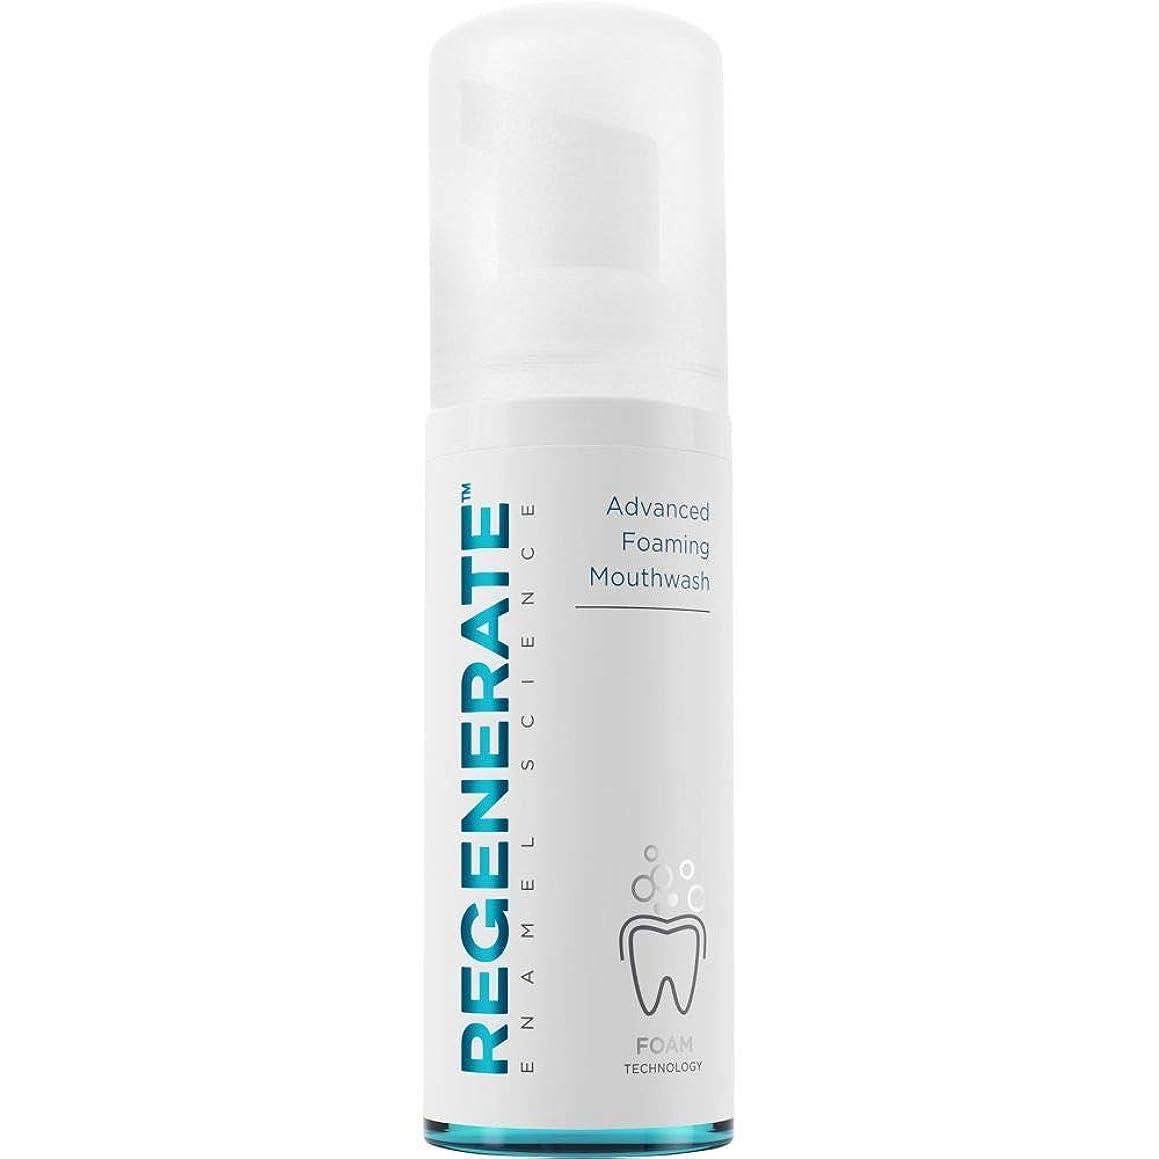 潤滑するデンプシーミット[Regenerate ] 高度な発泡マウスウォッシュの50ミリリットルを再生成 - Regenerate Advanced Foaming Mouthwash 50ml [並行輸入品]